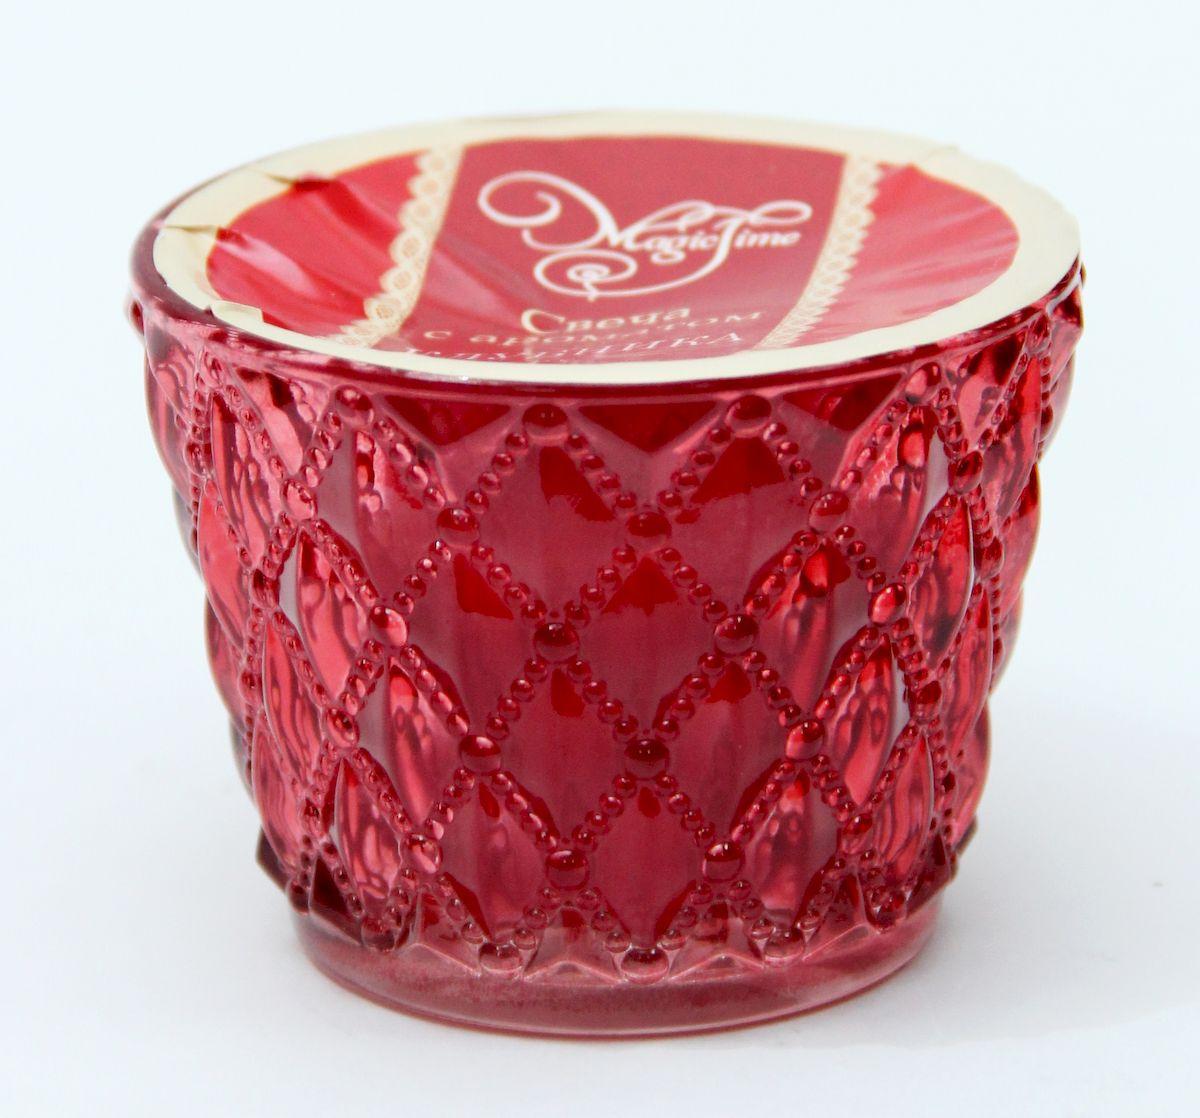 Декоративная ароматизированная парафиновая свеча Magic Home. 41224RG-D31SОригинальная свеча, с тонким, нежным ароматом, добавит немного романтики и уюта в вашем доме. Такая свеча может стать прекрасным подарком на любой случай.